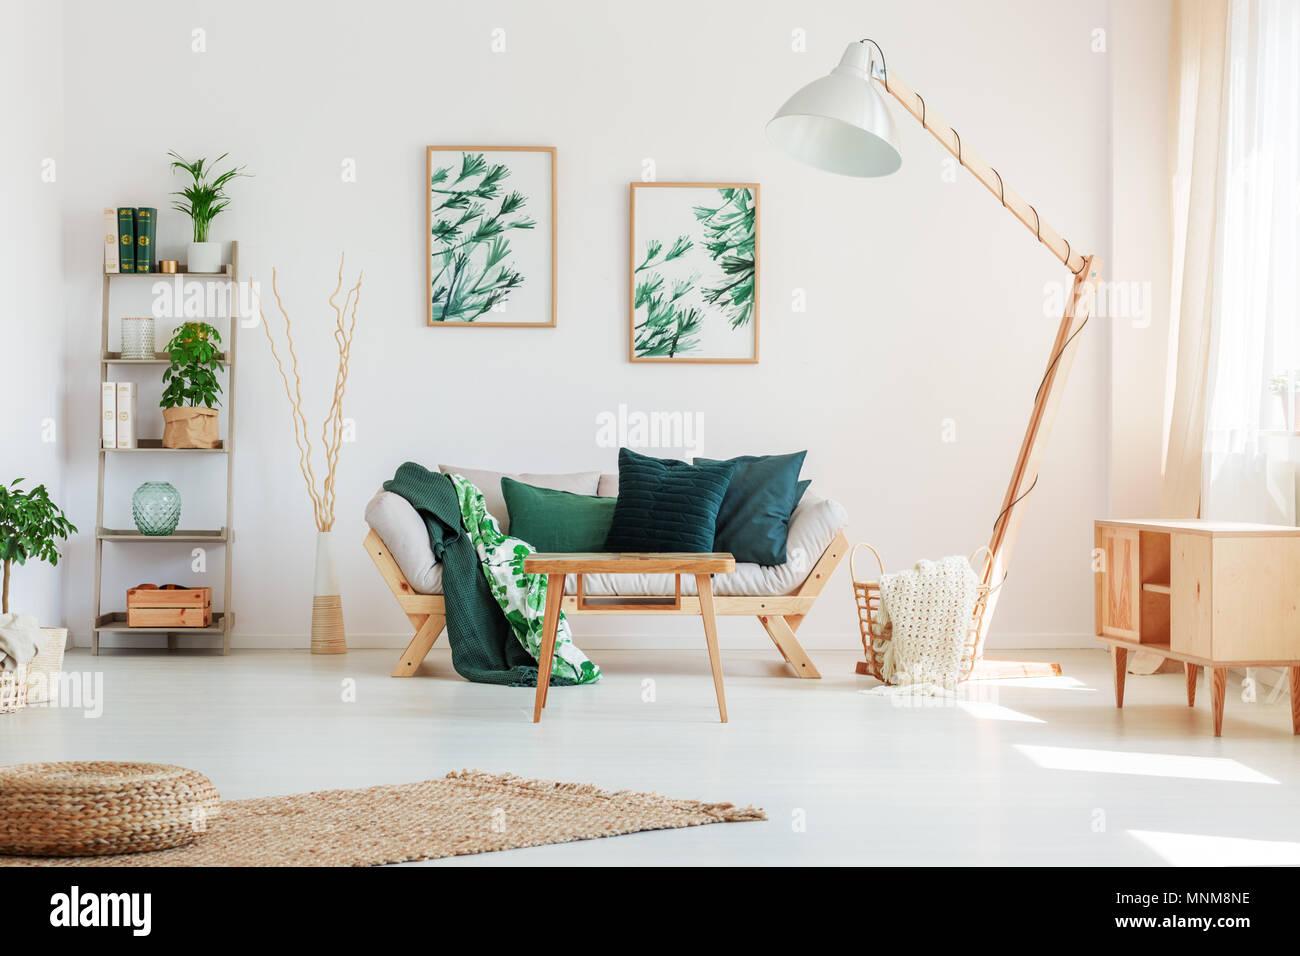 Dunkelgrün Kissen Auf Beige Sofa Gegen Weiße Wand Mit Gemälden Mit  Blumenmotiv In Natürlichen Wohnzimmer